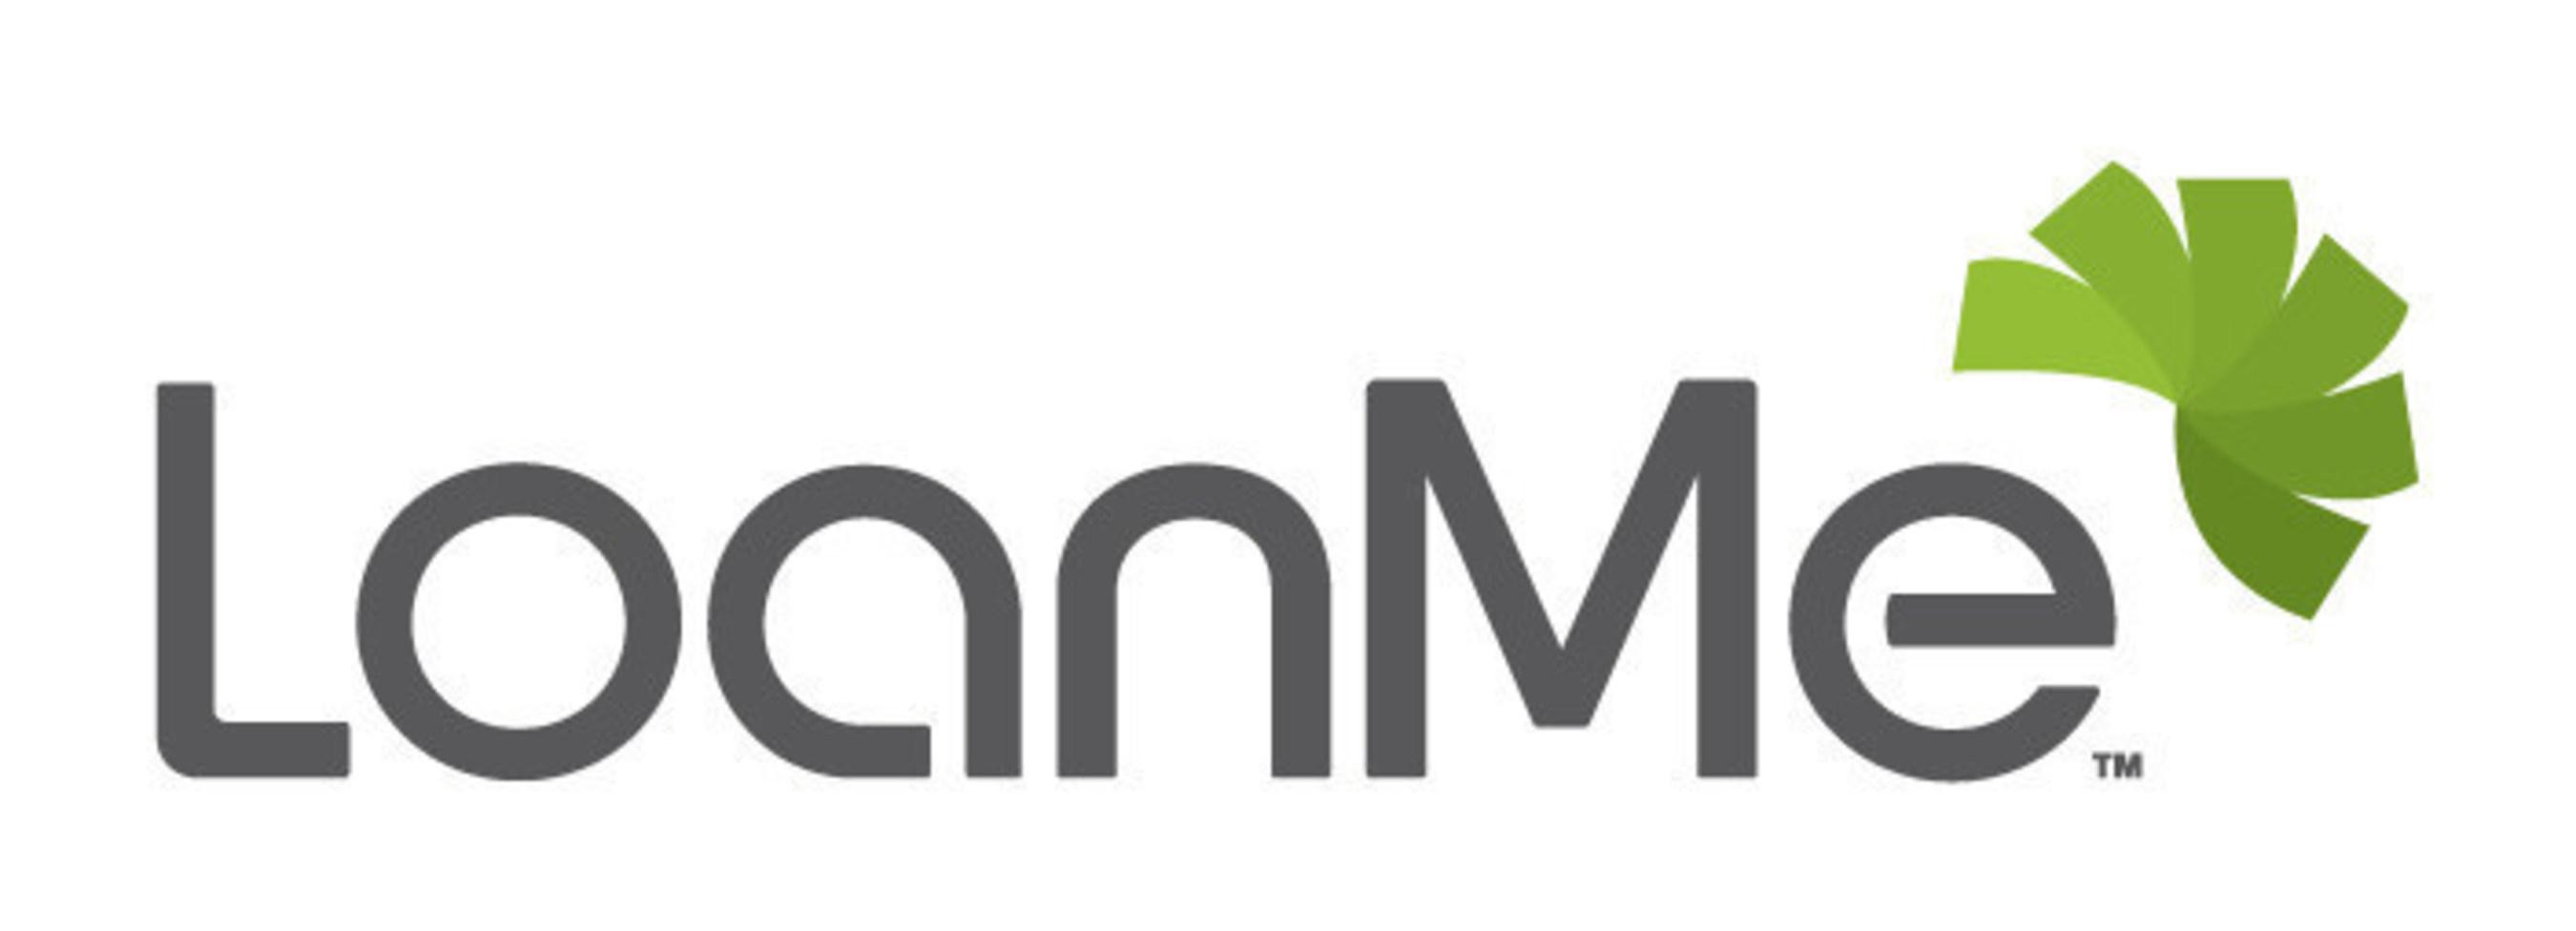 www.loanme.com